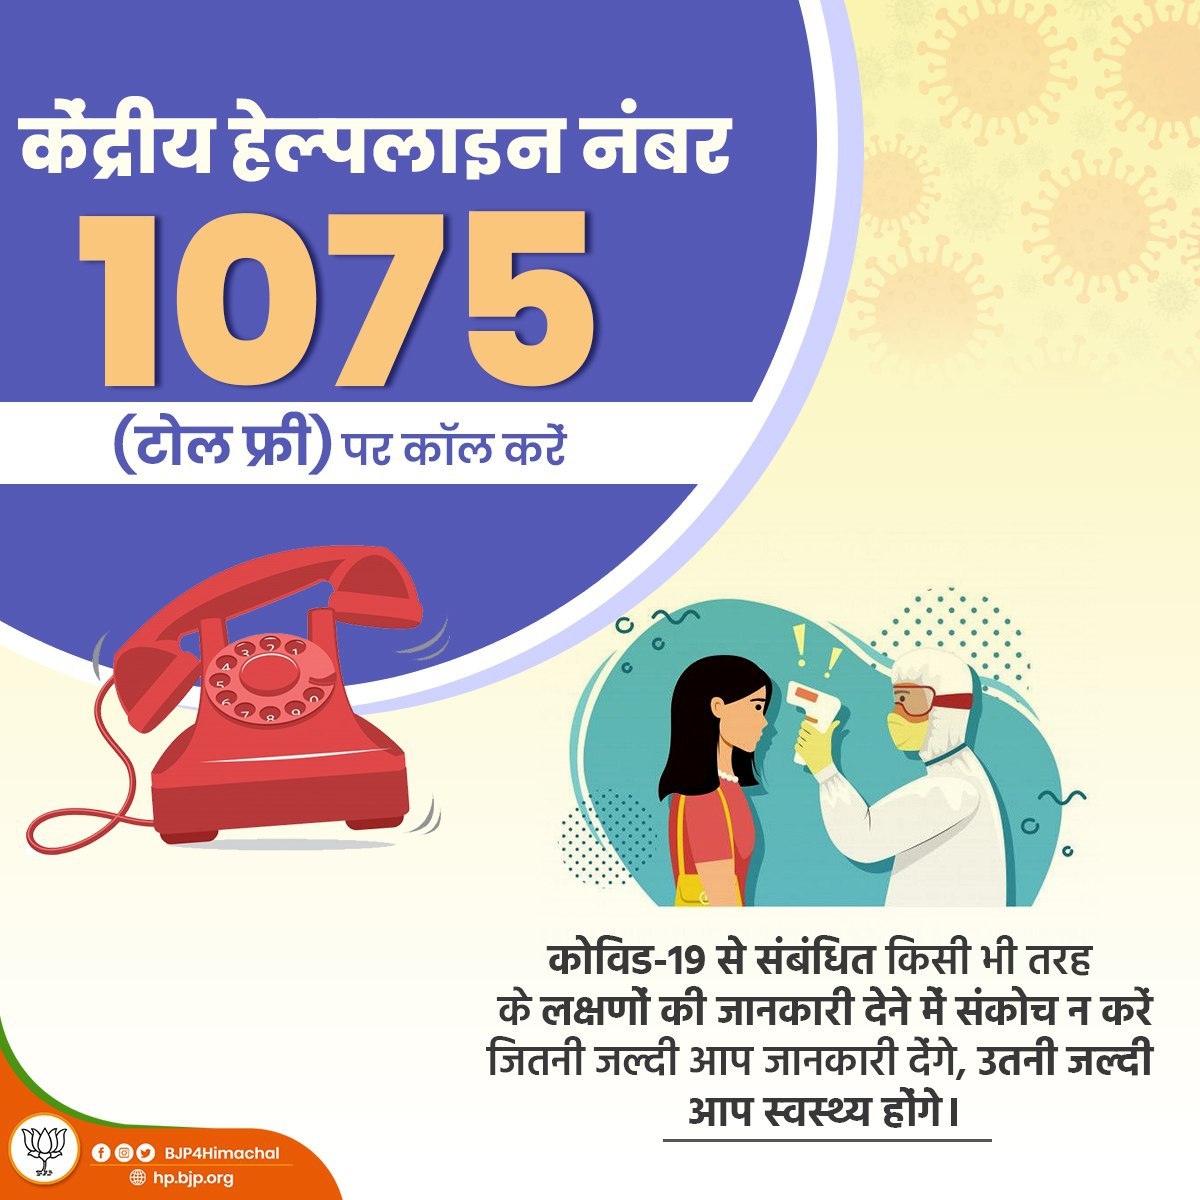 यदि आप बुखार, खाँसी और साँस लेने में कठिनाई जैसे कोई लक्षण महसूस कर रहे हैं, तो तत्काल 1075 (टोल फ्री) पर कॉल करें और अपनी सुरक्षा के लिए हमारी मदद करें। बदलकर अपना व्यवहार, करें कोरोना पर वार। #IndiaFightsCorona https://t.co/66WEgmVFME